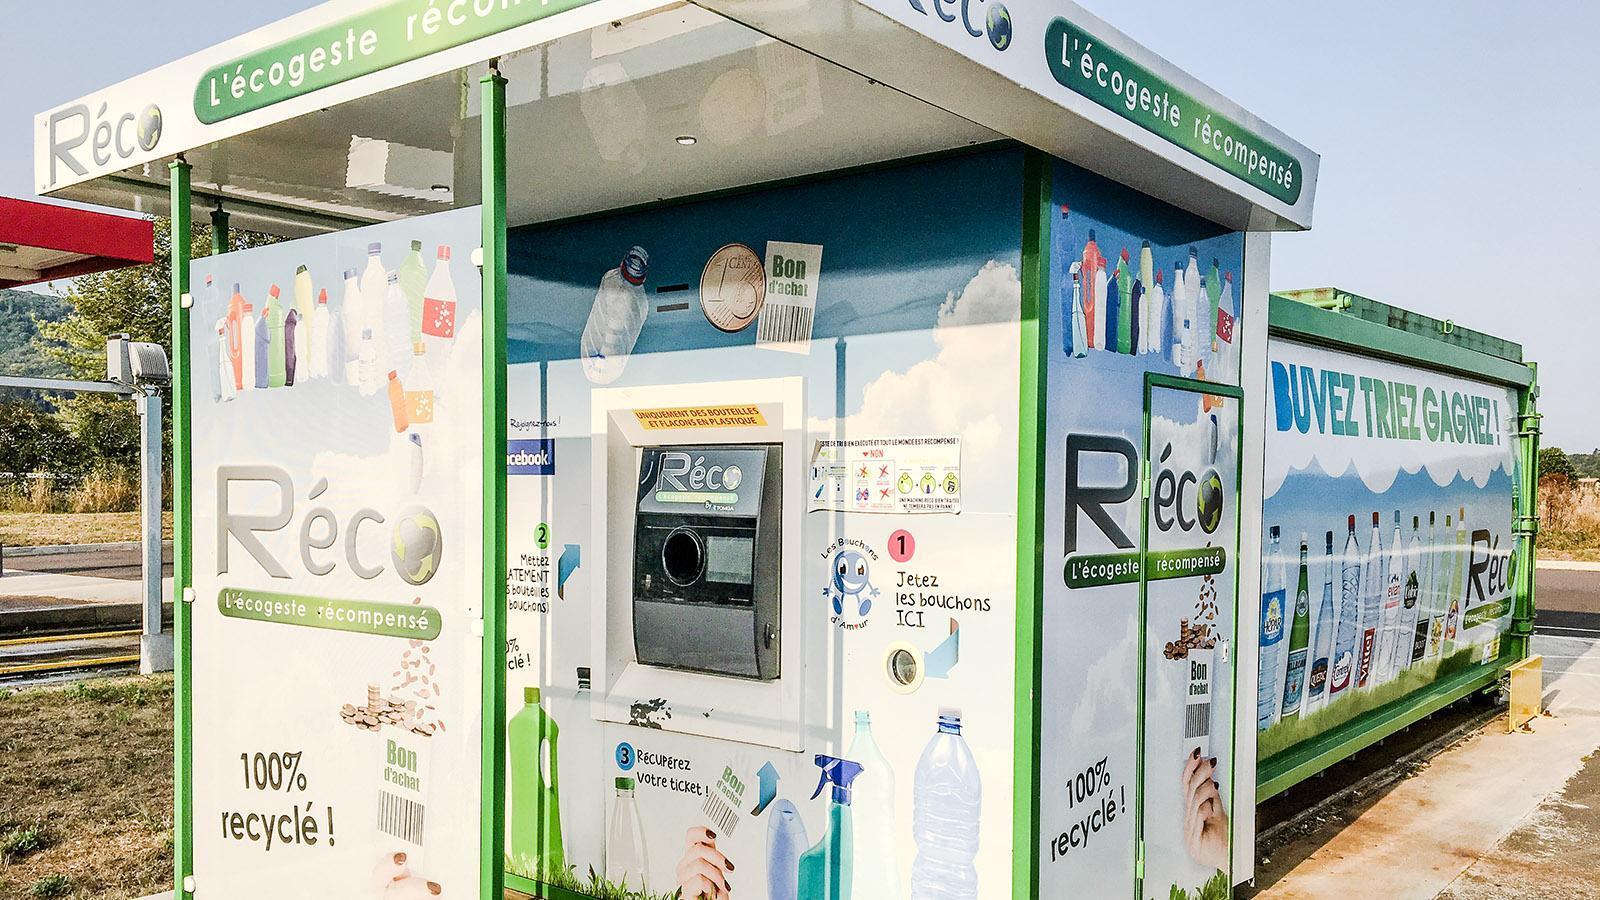 Wer Plastik recycelt, erhält von Réco einen Einkaufsbon.